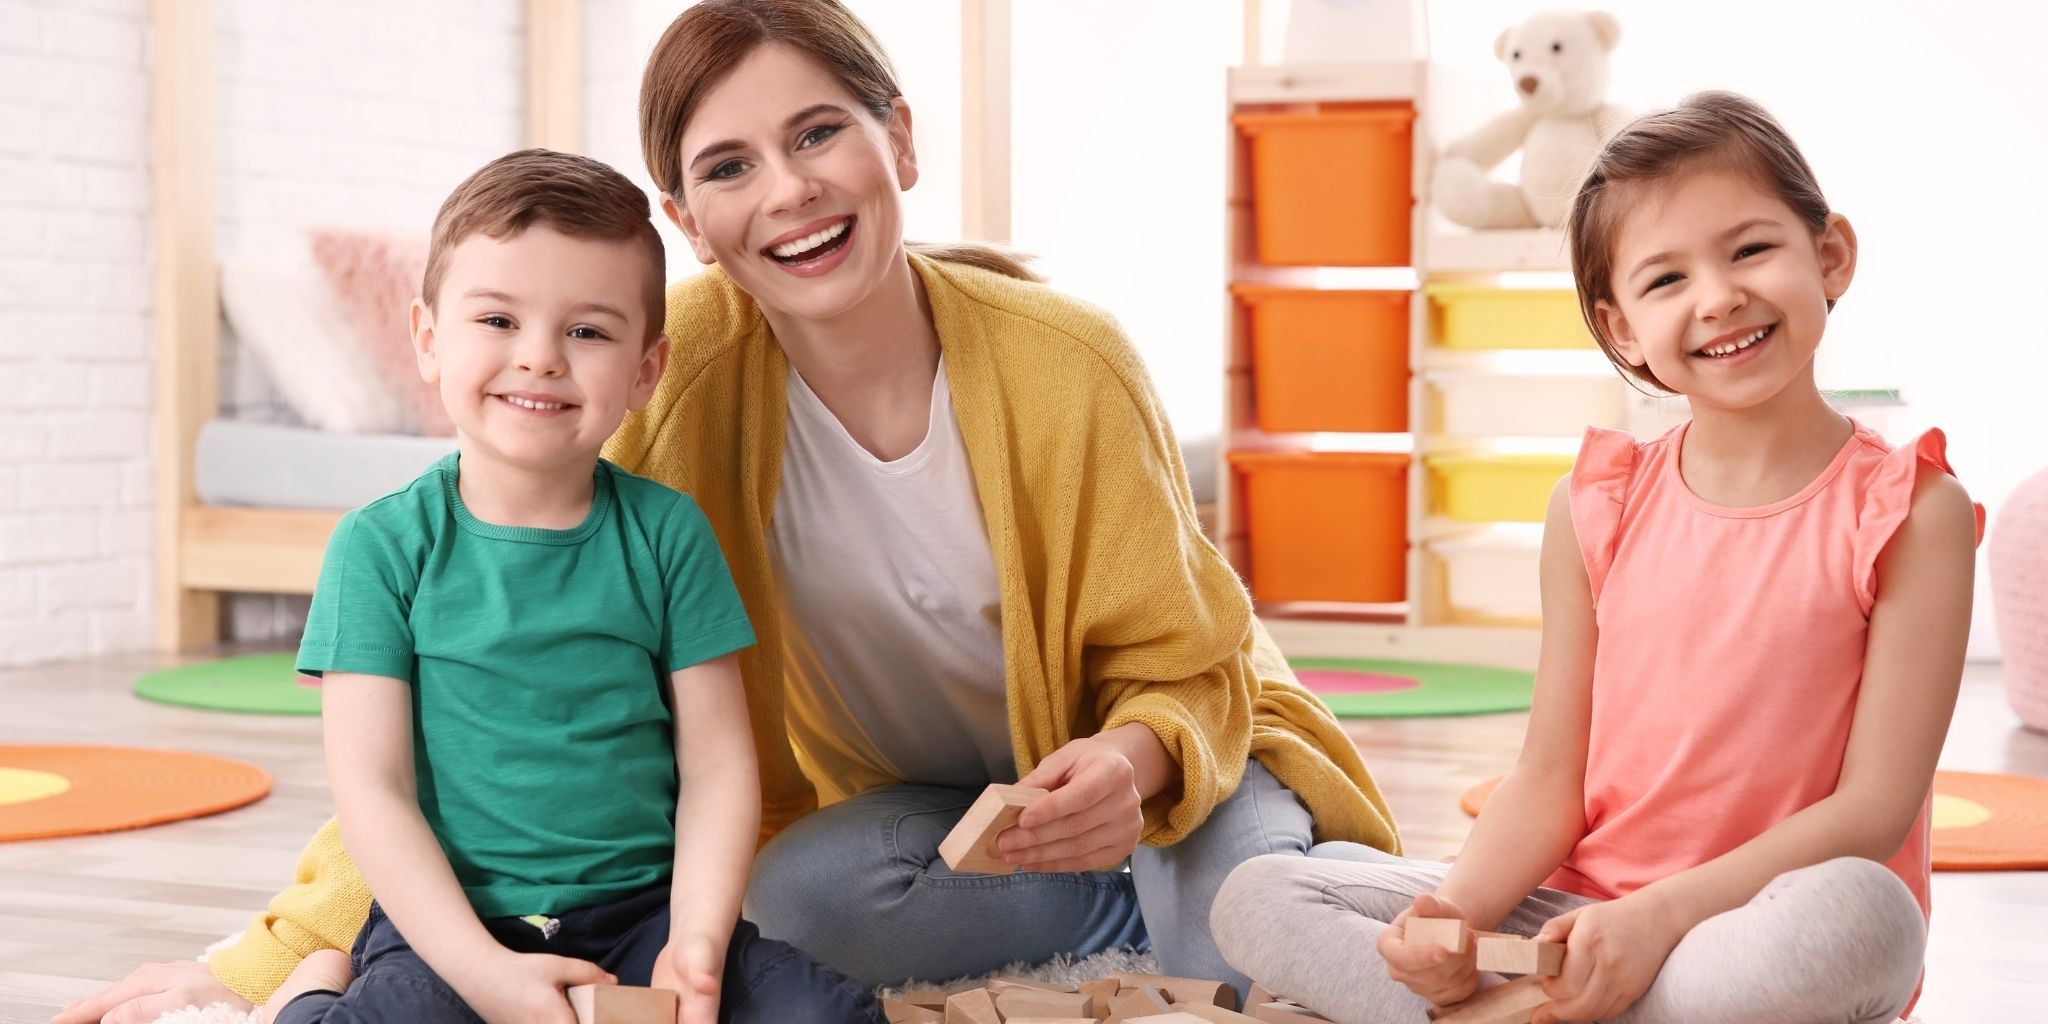 Benefits of Hiring a Nanny